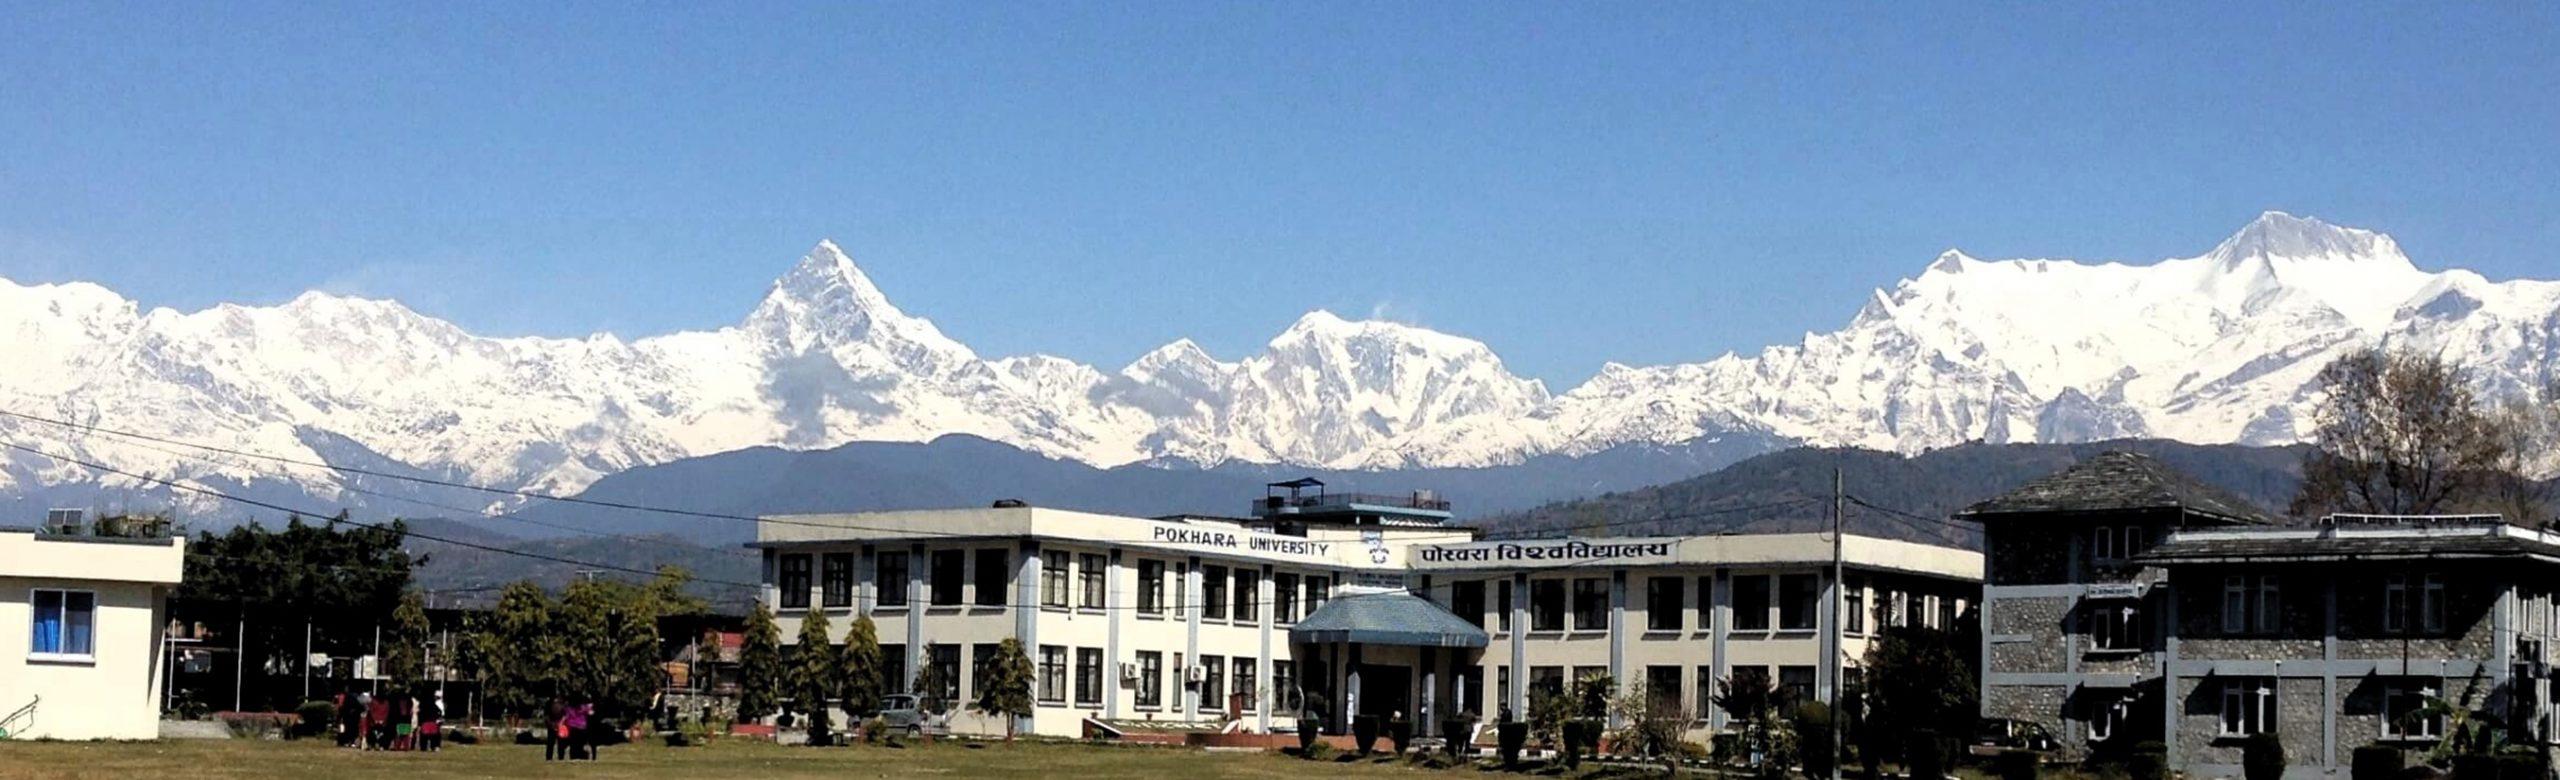 Pokhara University Scholarship Portal